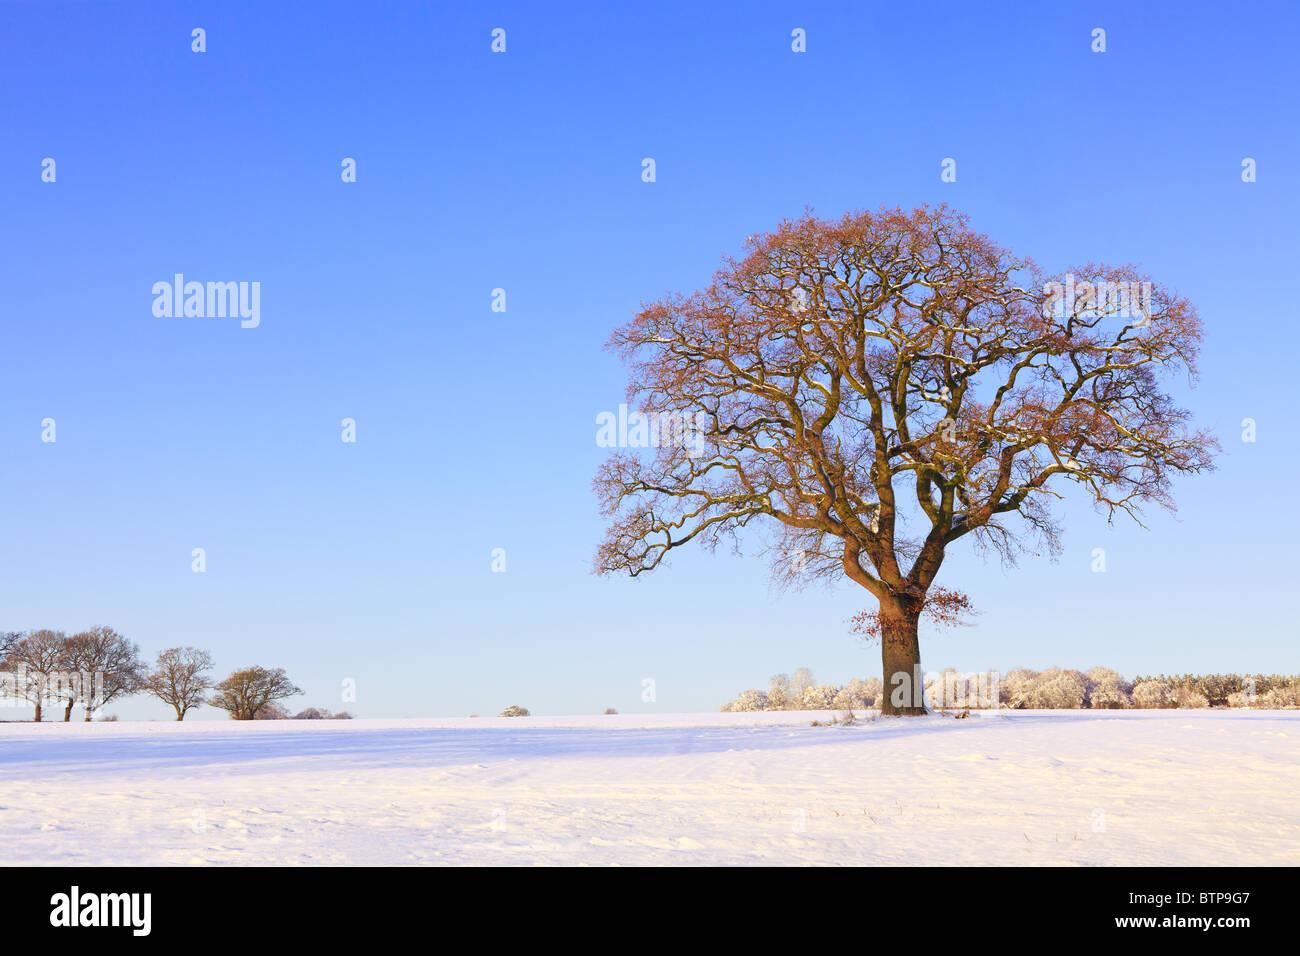 Foto de un paisaje único de roble en un campo cubierto de nieve, mientras el sol se oculta en una fría Imagen De Stock